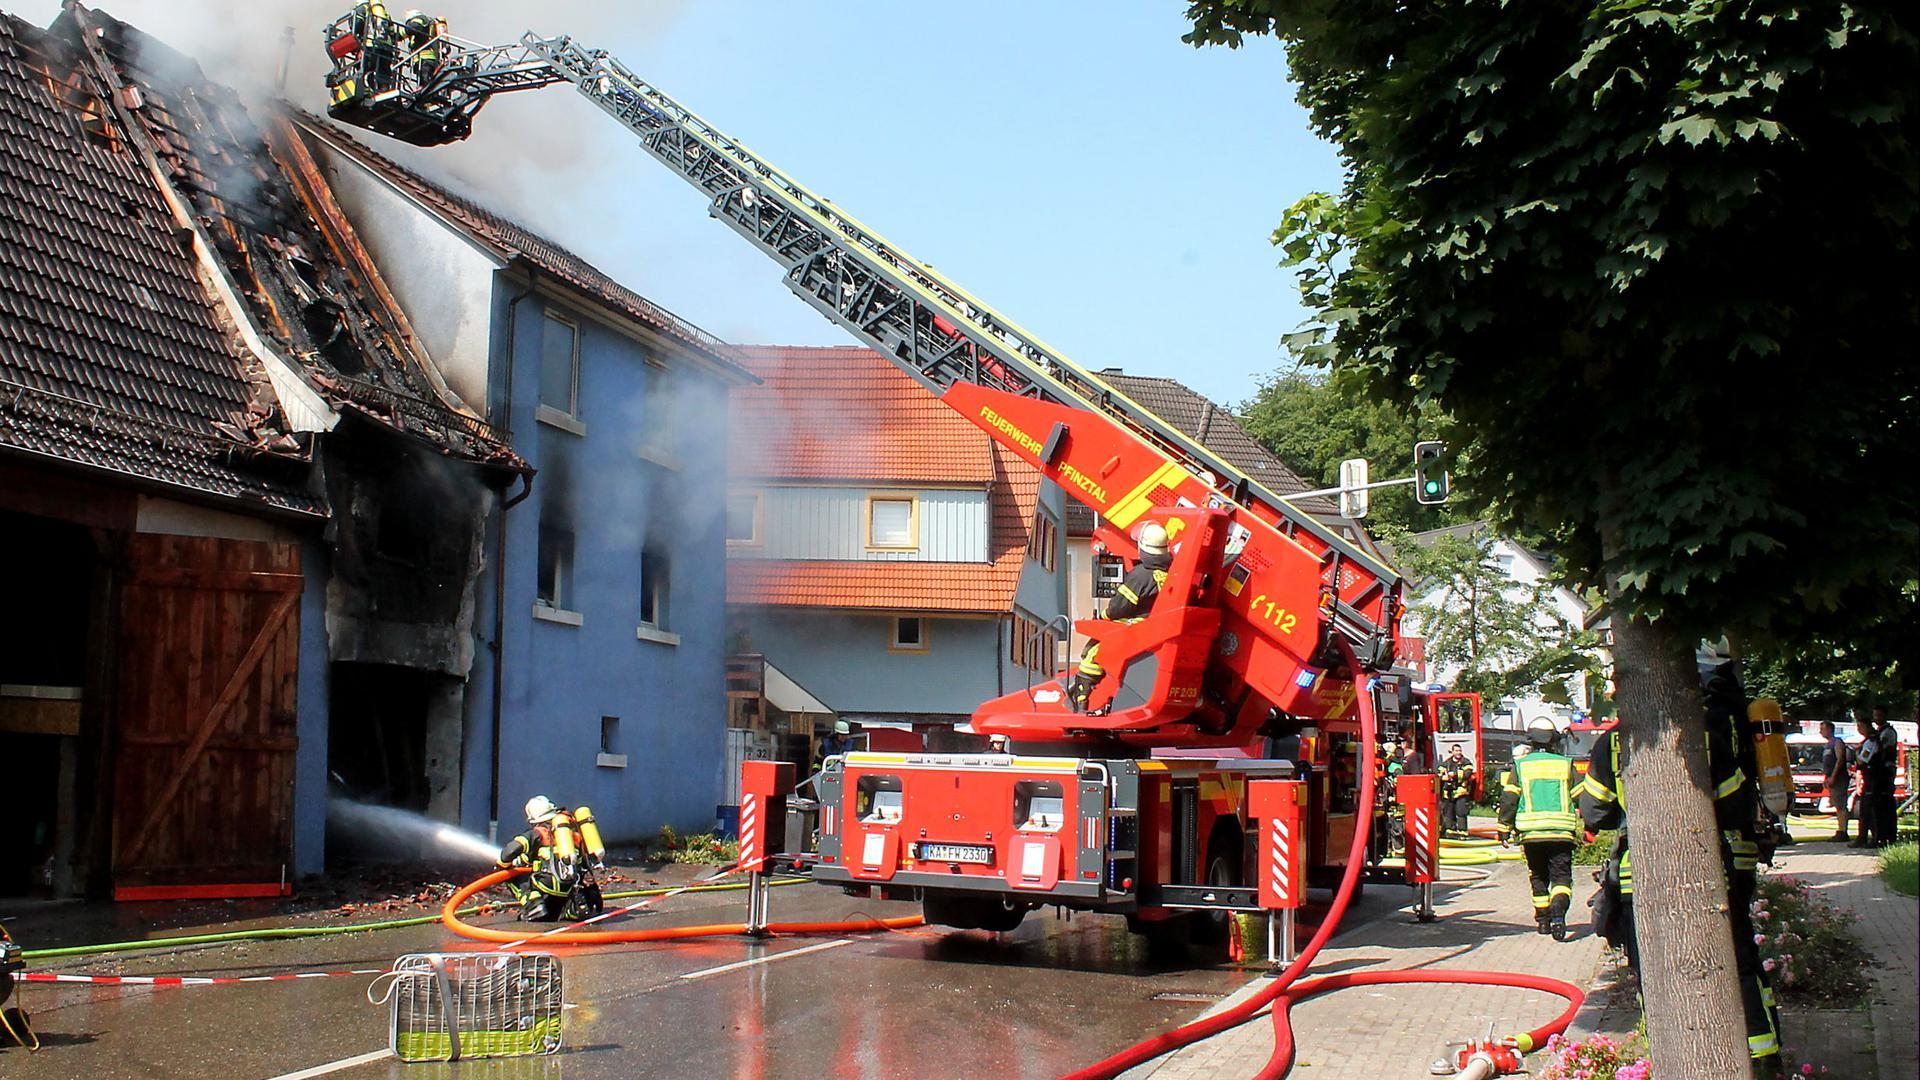 Mit einer Drehleiter rücken die Einsatzkräfte an, um das Feuer auch über den Dachstuhl bekämpfen zu können. Menschen sind bei dem Feuer nach ersten Informationen nicht zu Schaden gekommen.